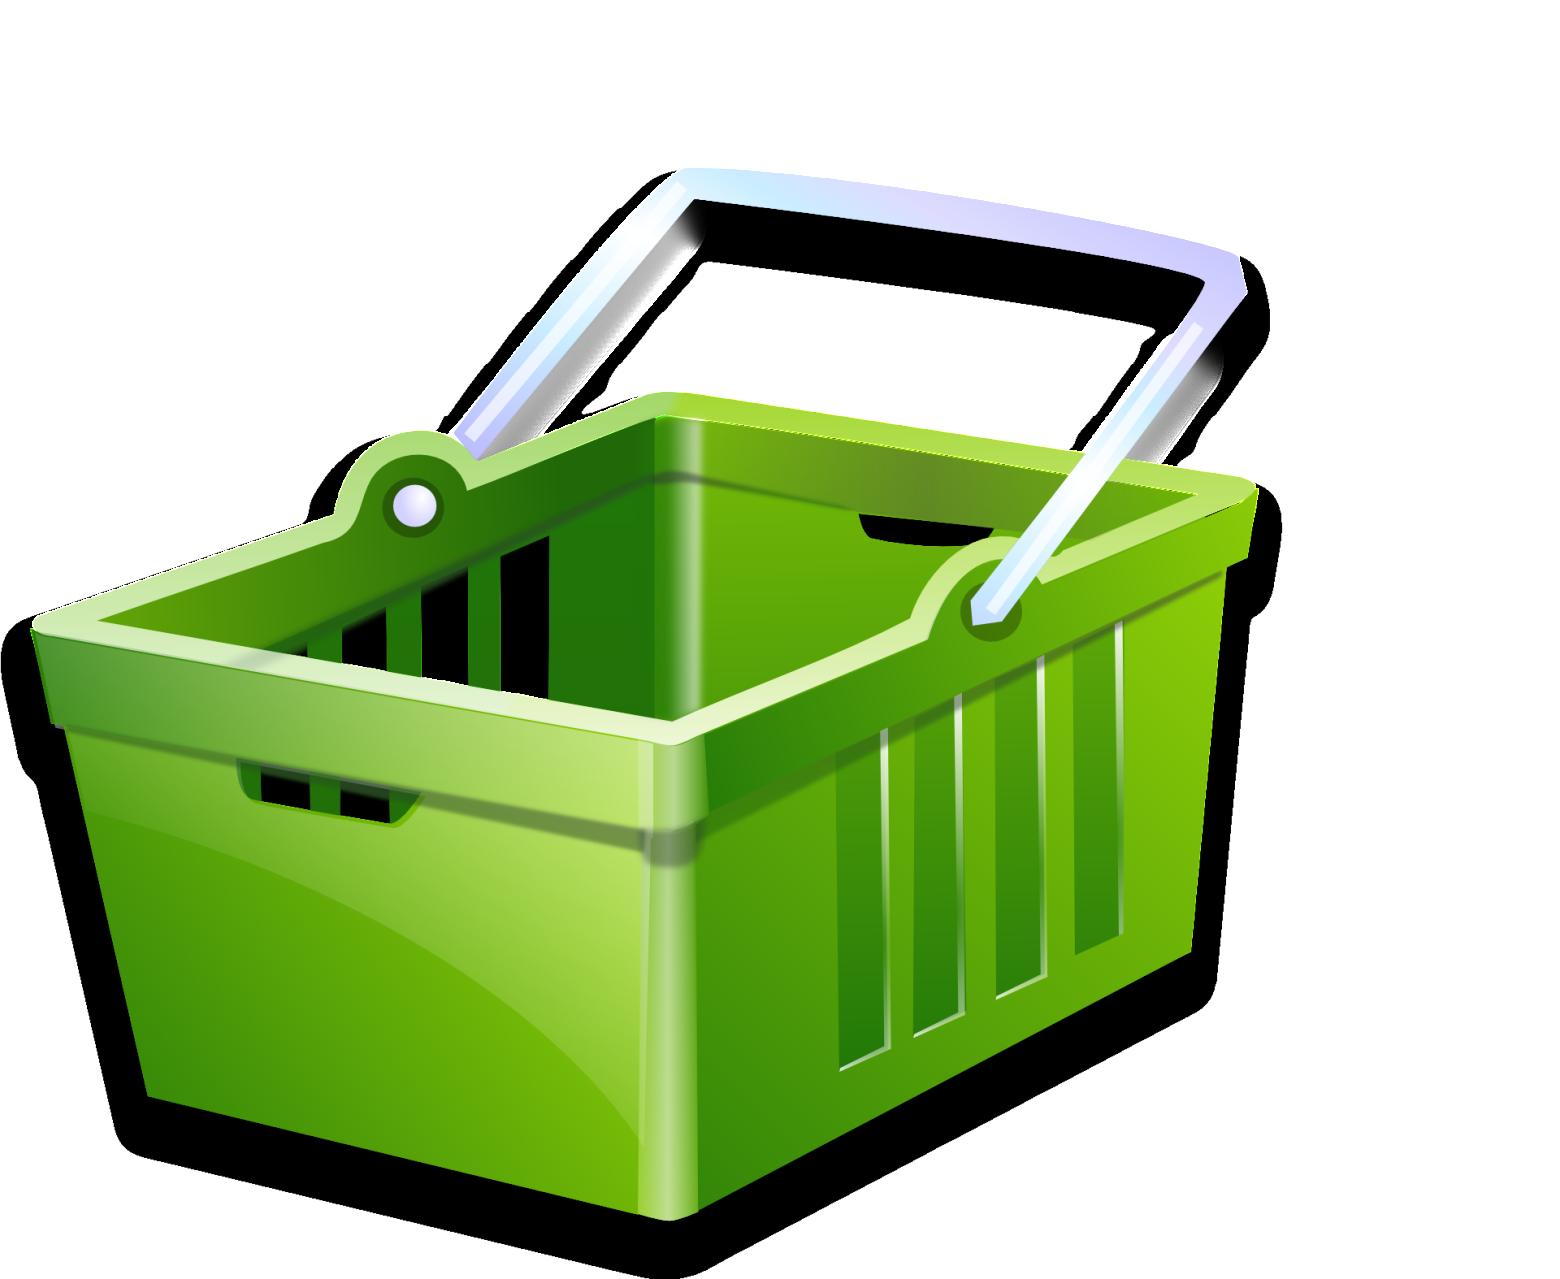 panier course commerce shopping images clipart photos gratuites.